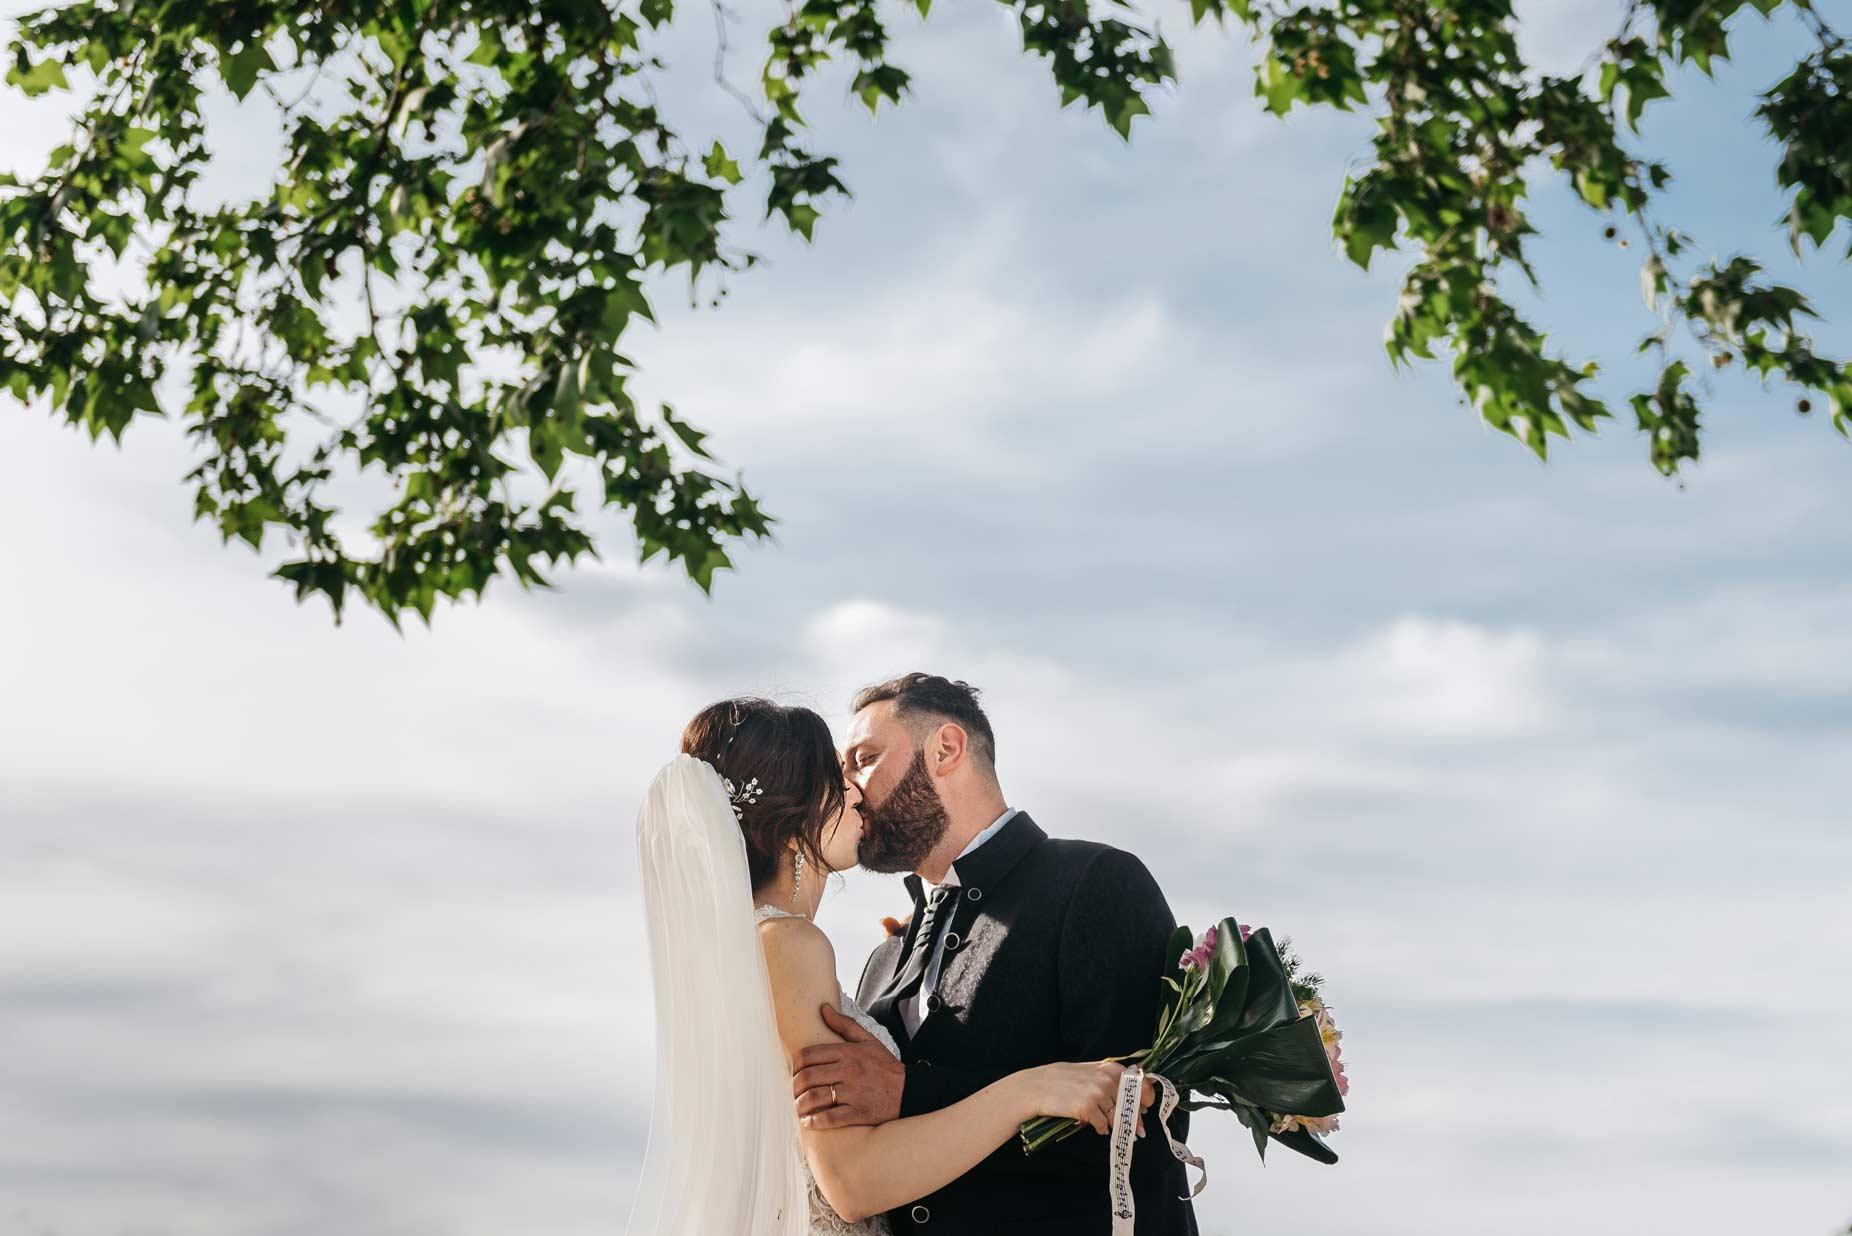 Fotografo-Sposi-Reportage-Di-Matrimonio-Roma-1-A&D